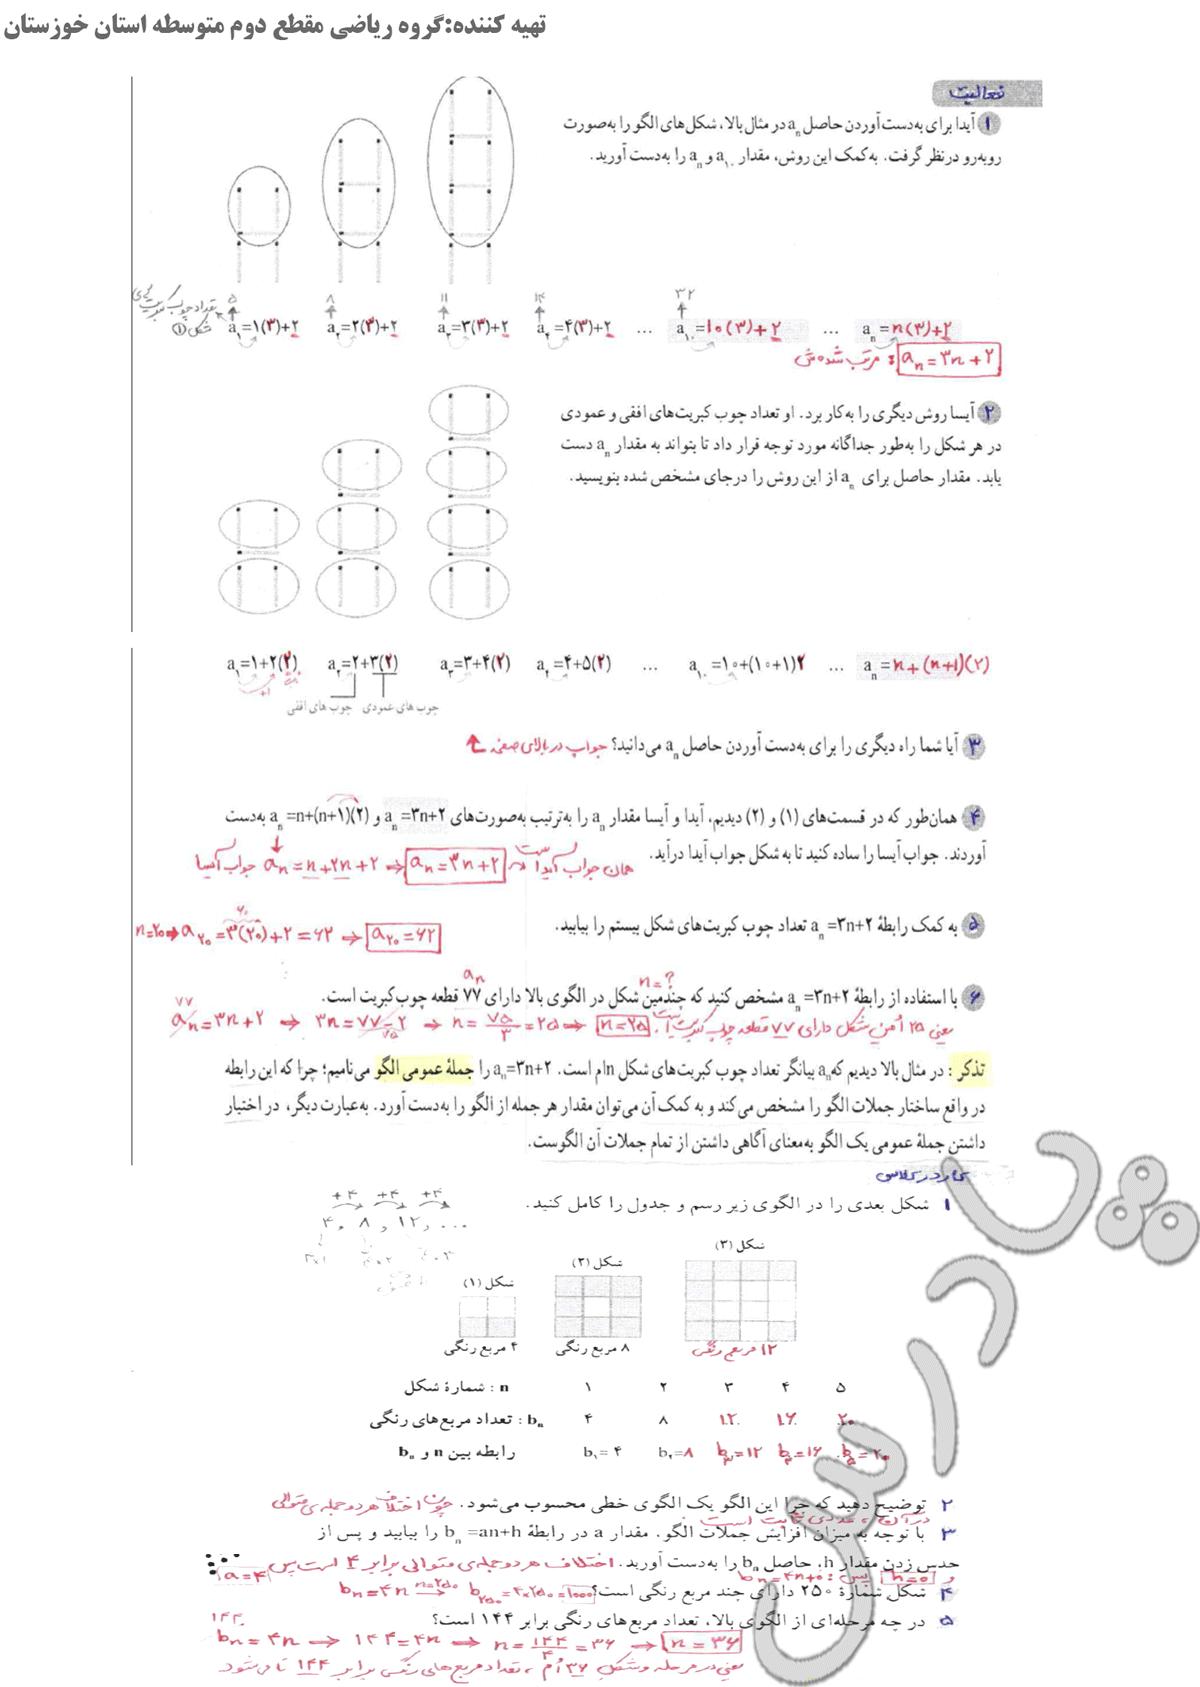 حل فعالیت صفحه 15